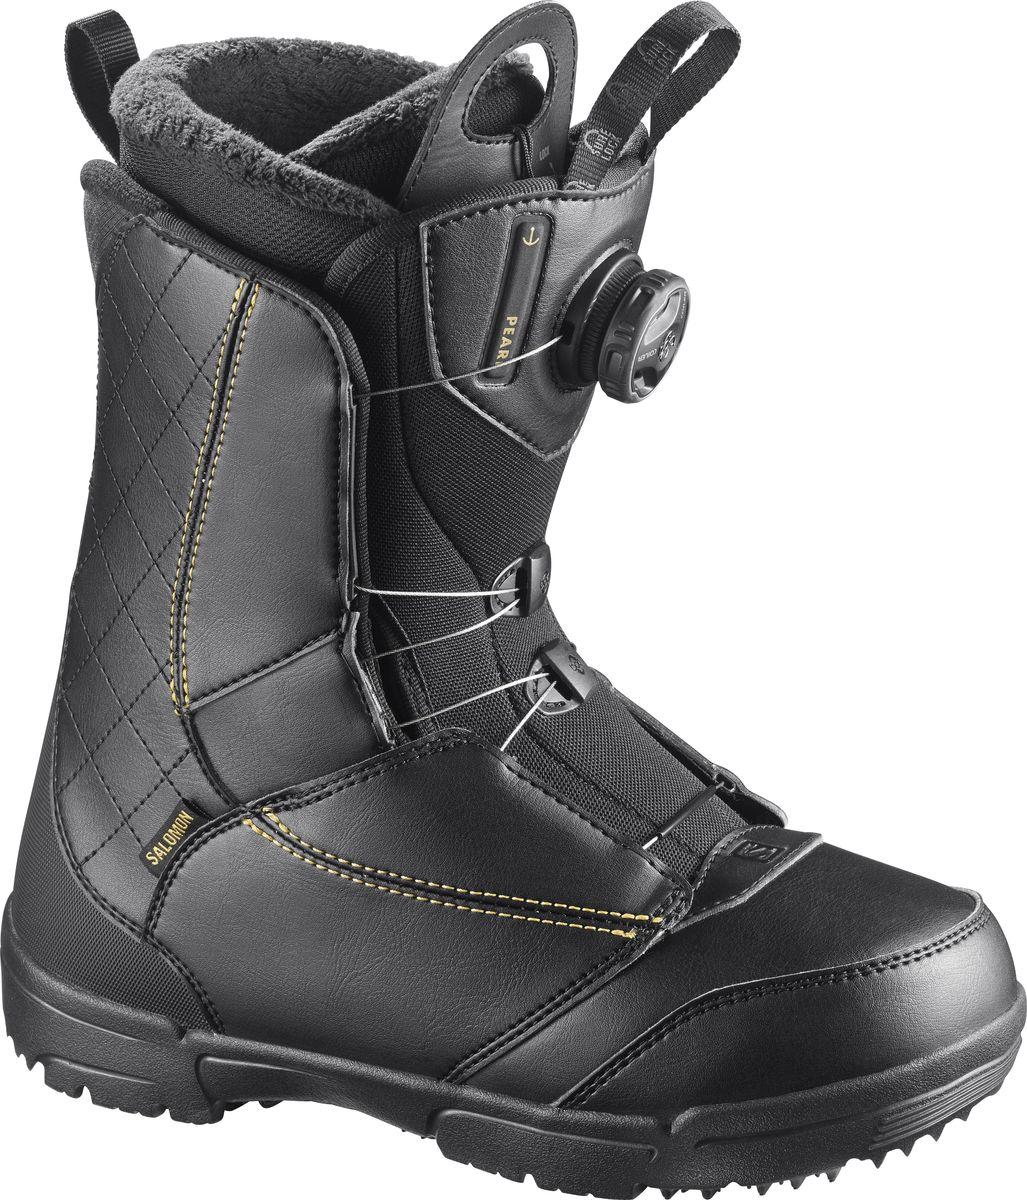 Ботинки для сноуборда Salomon Pearl Boa, цвет: черный, золотистый. Размер 24,5 (37,5)L39868900Простые, быстрые, женственные - Pearl BOA отличаются потрясающим утеплением, посадкой и долговечностью.